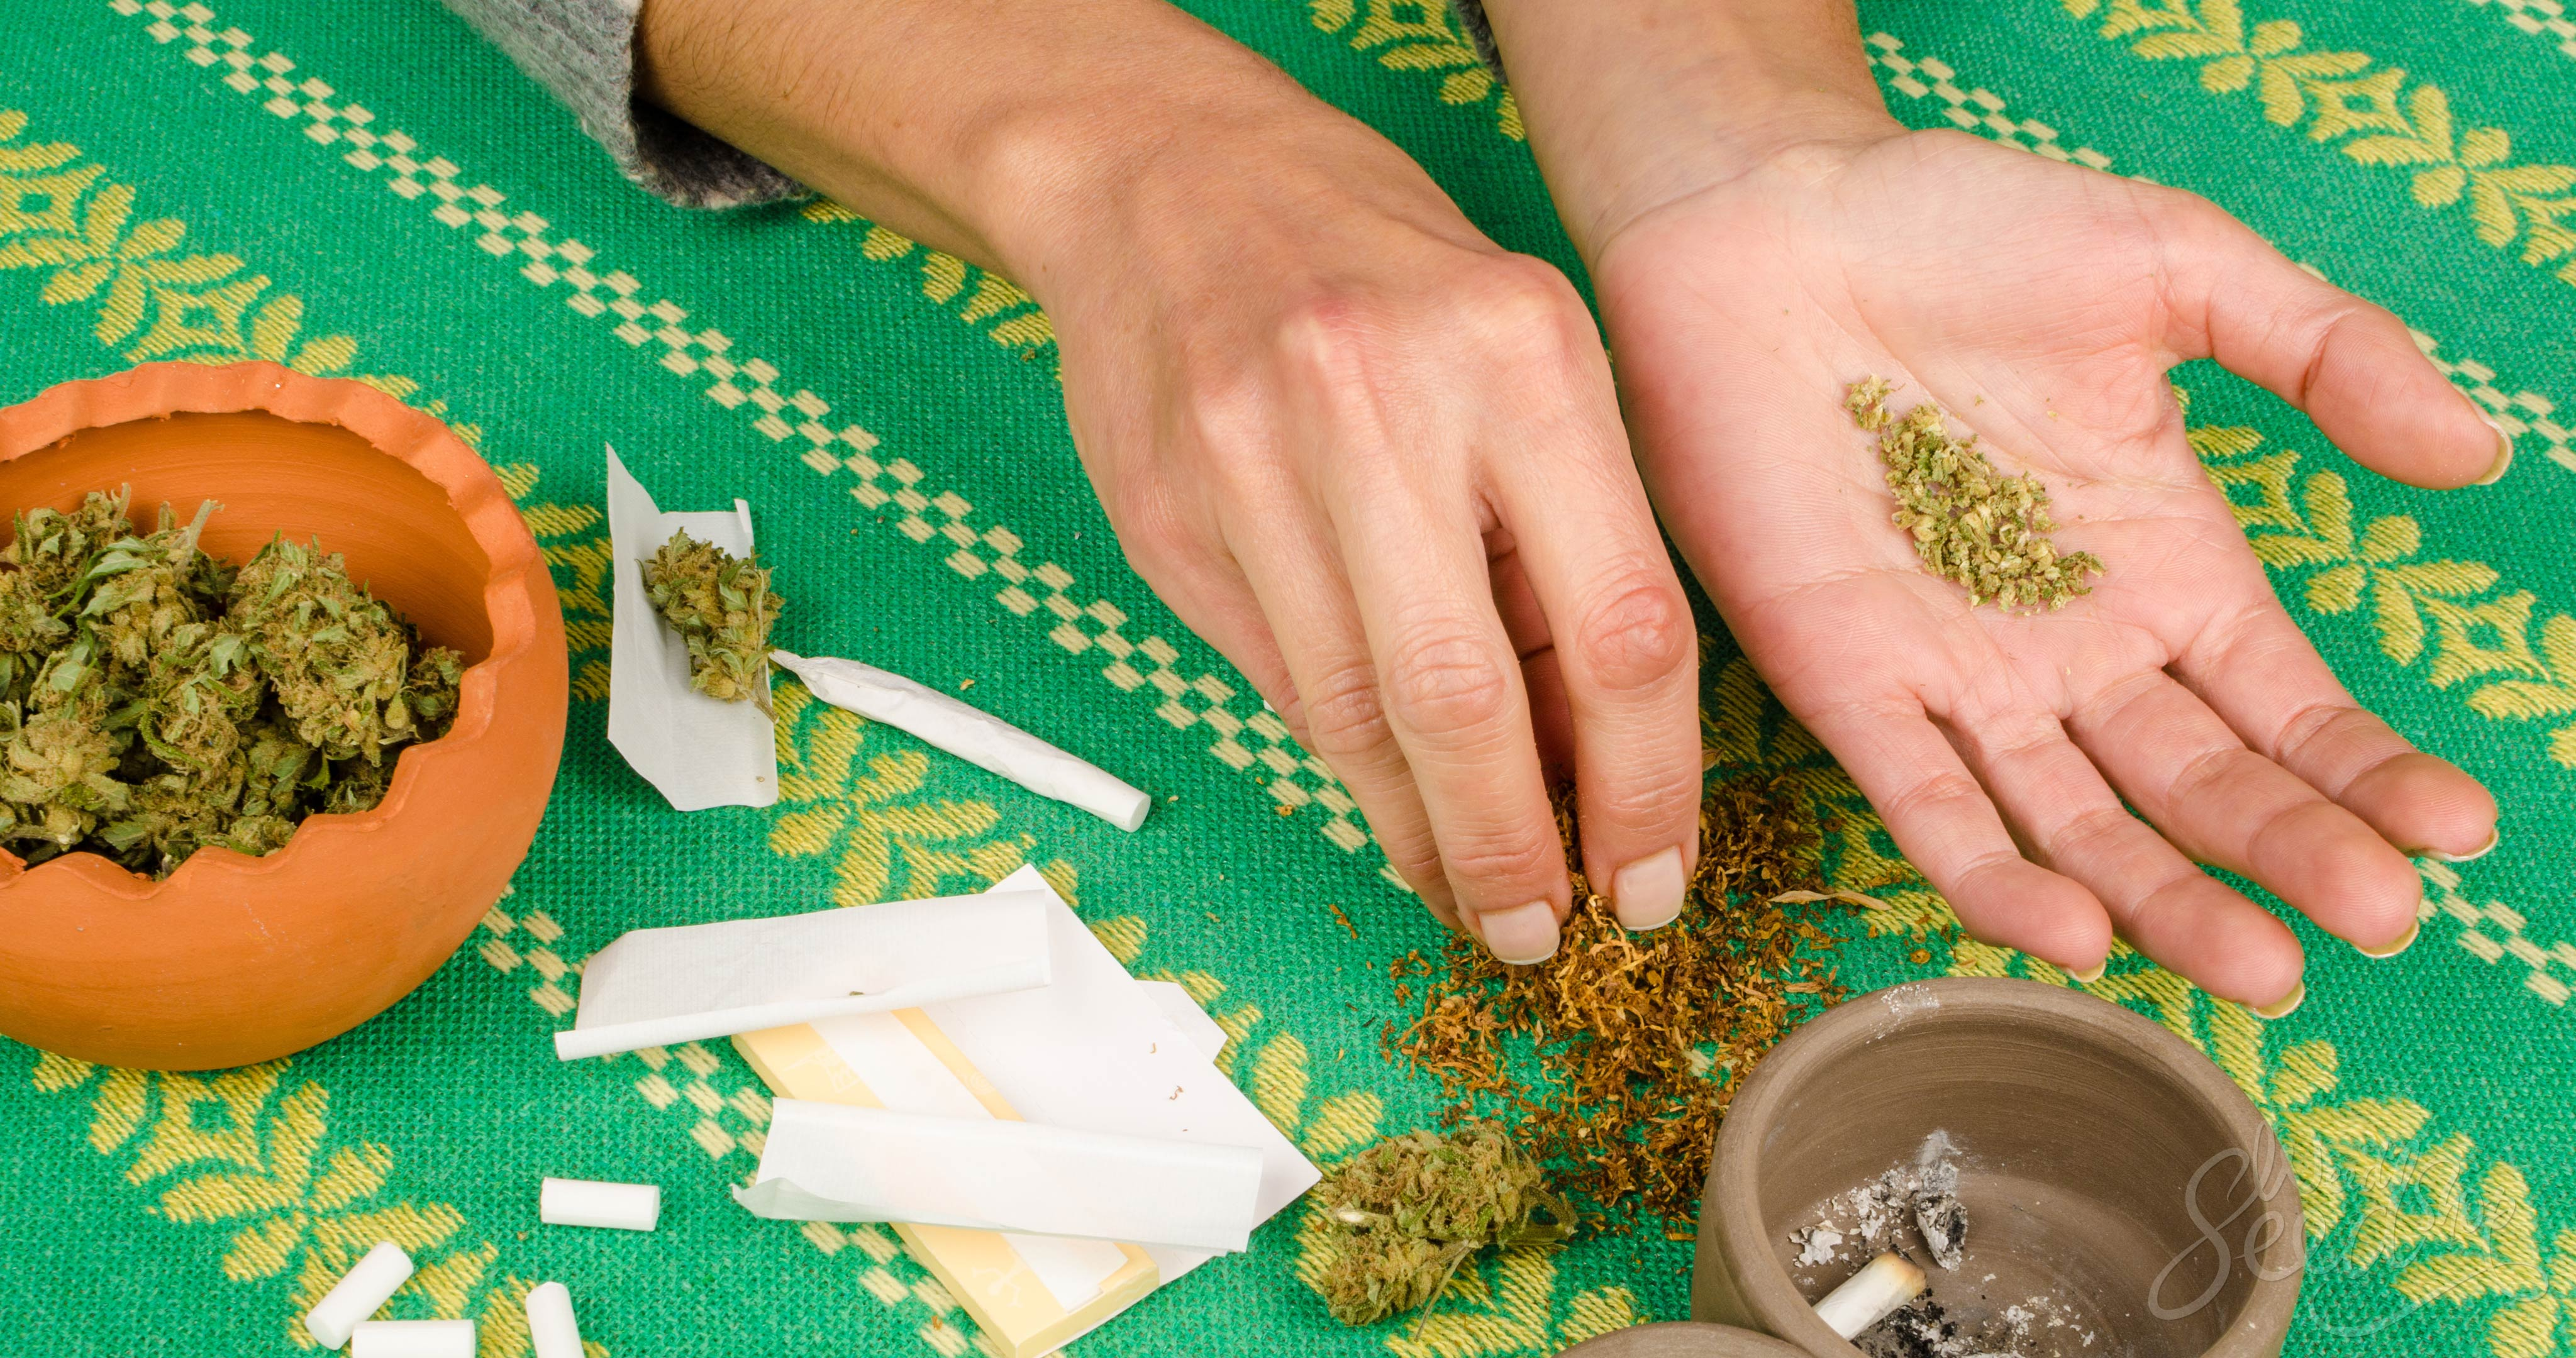 Cómo fumar marihuana por primera vez - WeedSeedShop